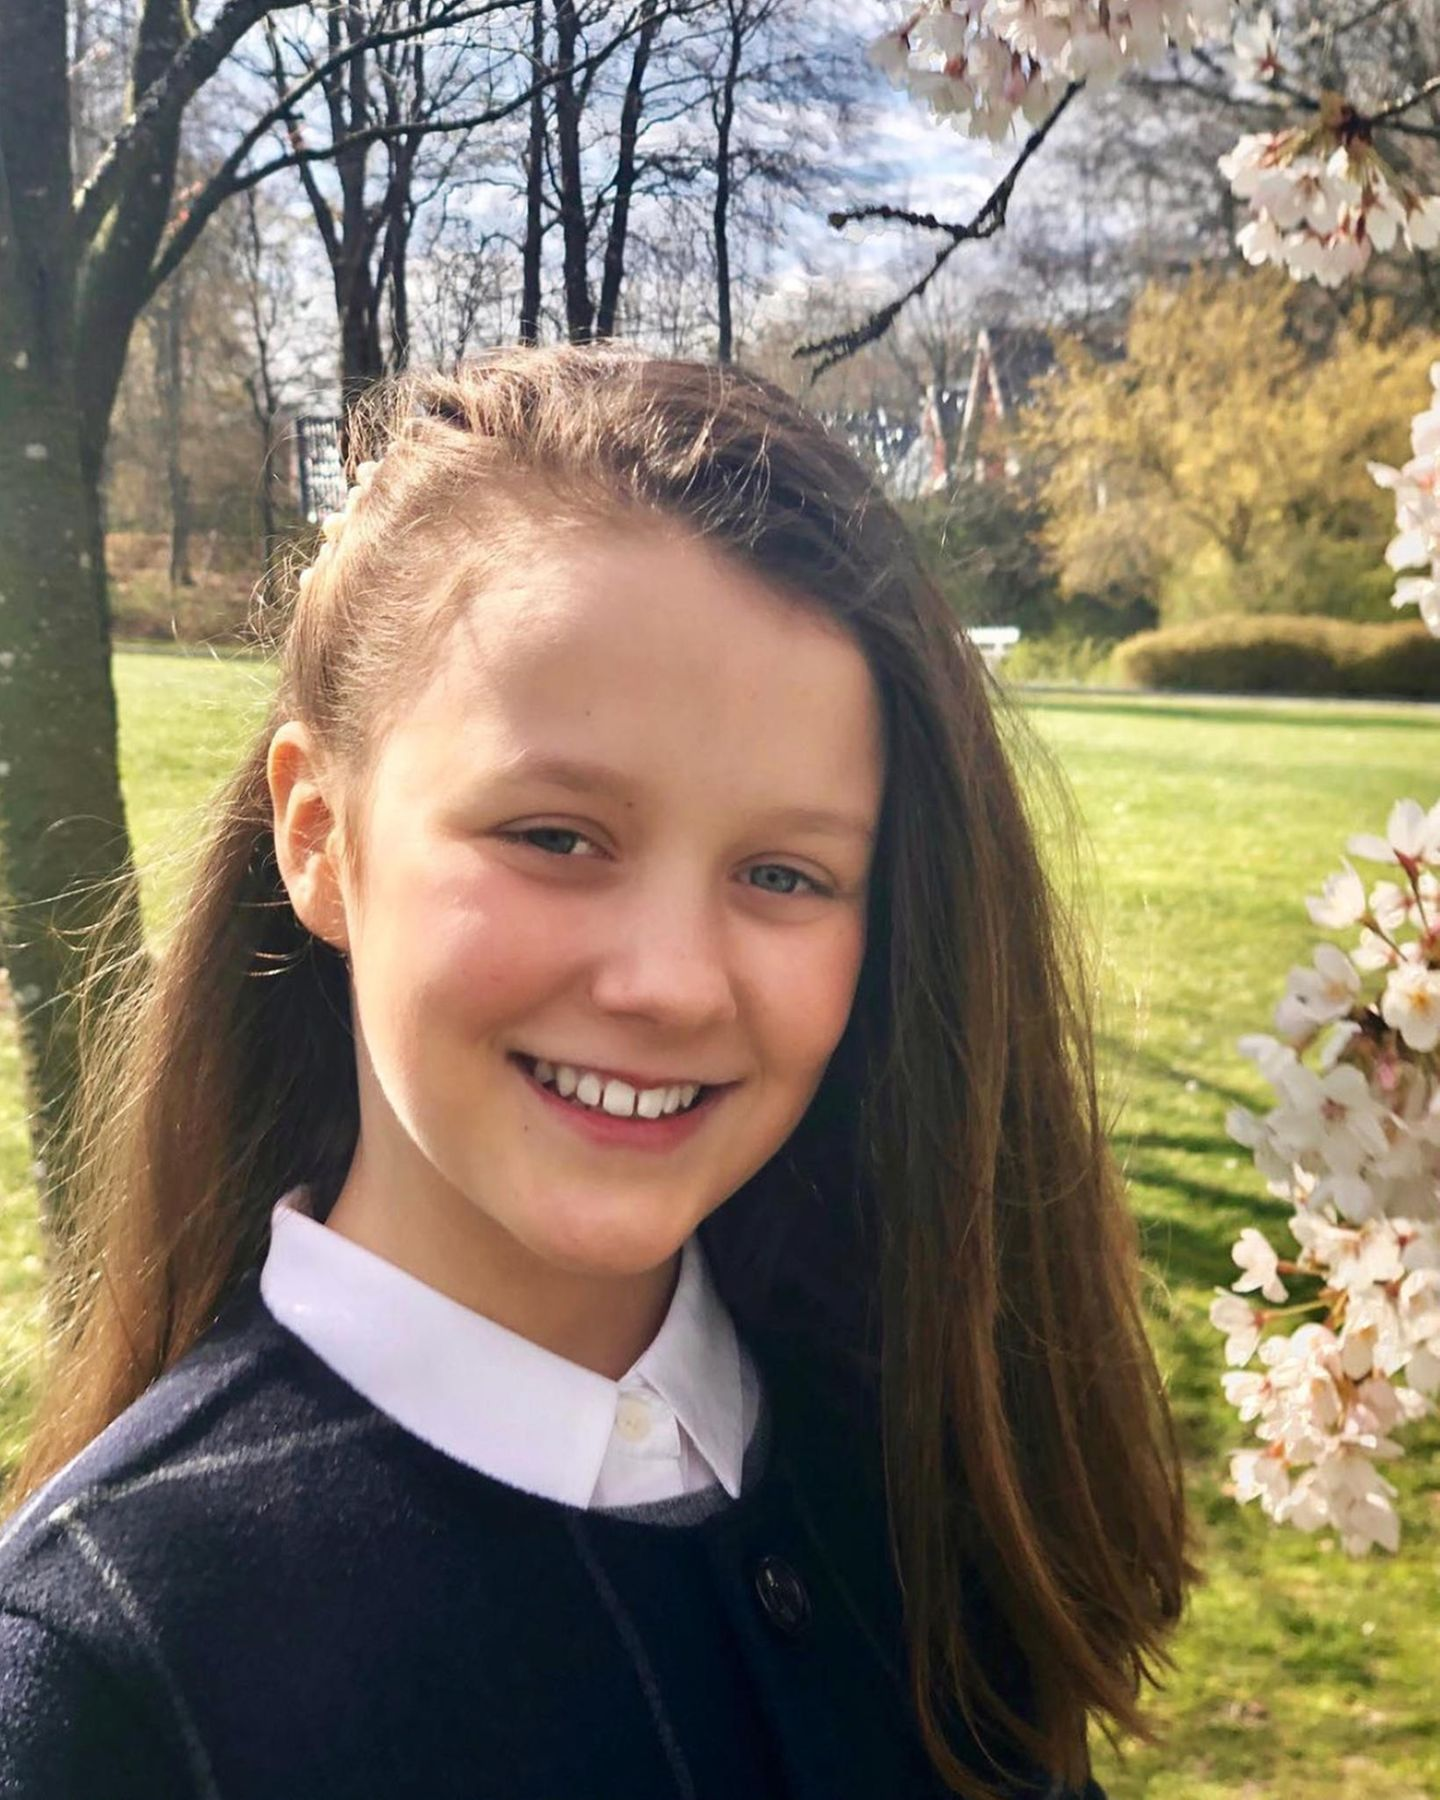 21. April 2019  Tillykke, Isabella! Mit diesem schönen Frühlingsporträt gratuliert Kronprinzessin Mary ihrer bezaubernden Tochter zum Geburtstag. Die Prinzessin wird heute 12 Jahre alt.